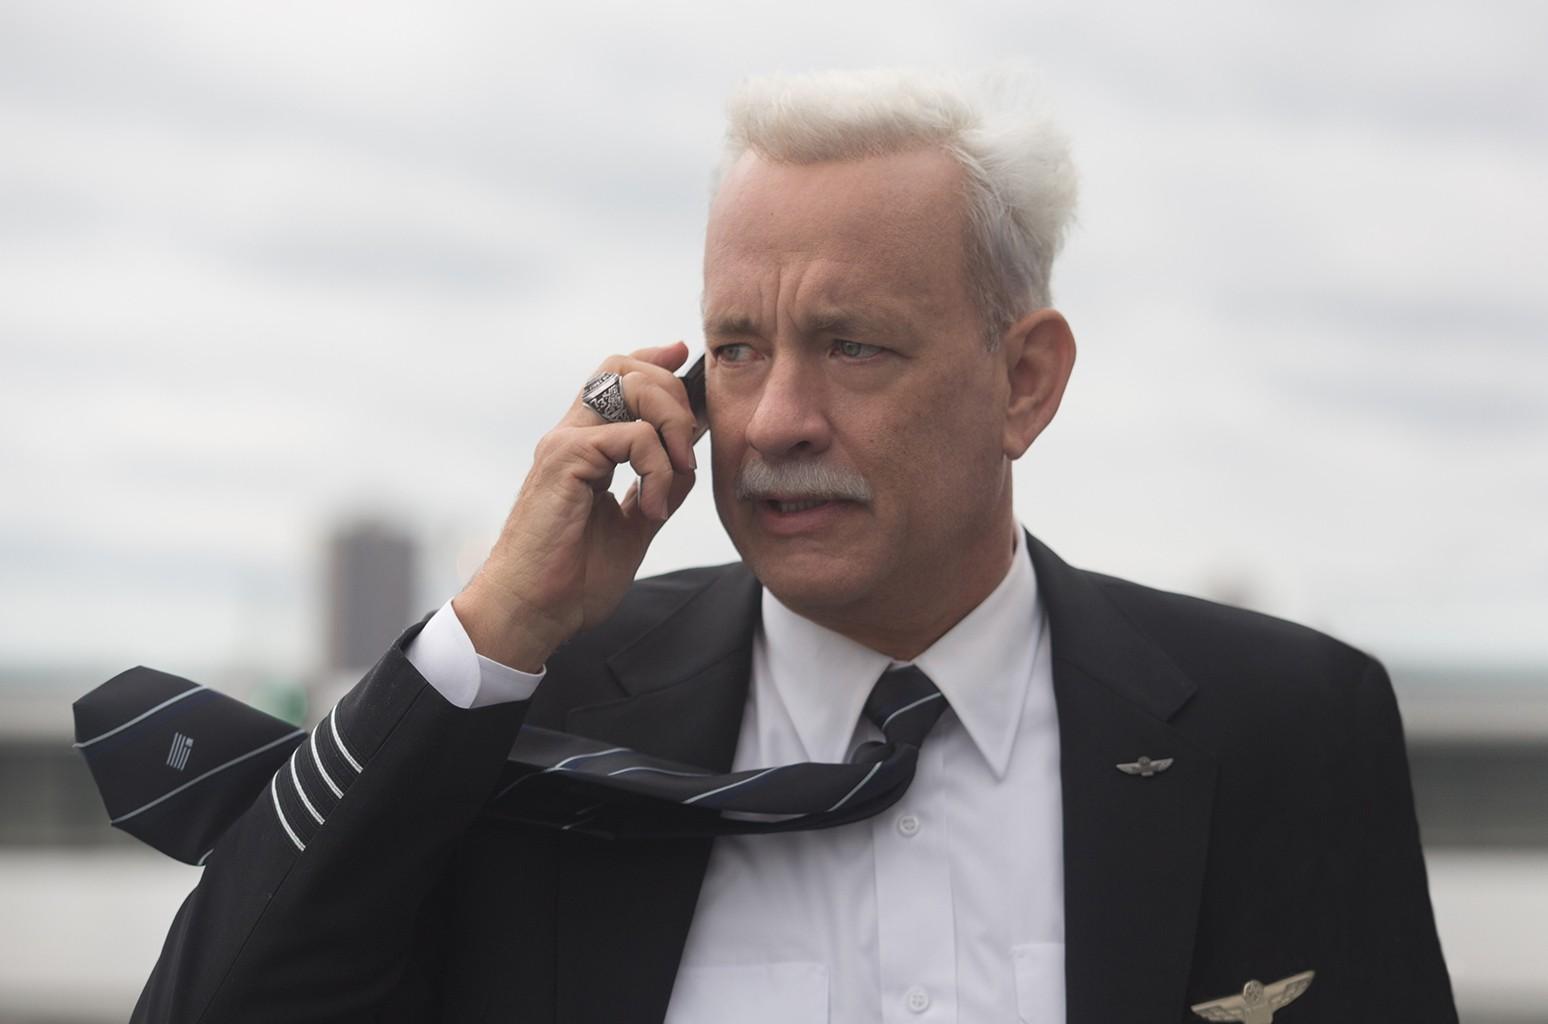 Tom Hanks in Sully.